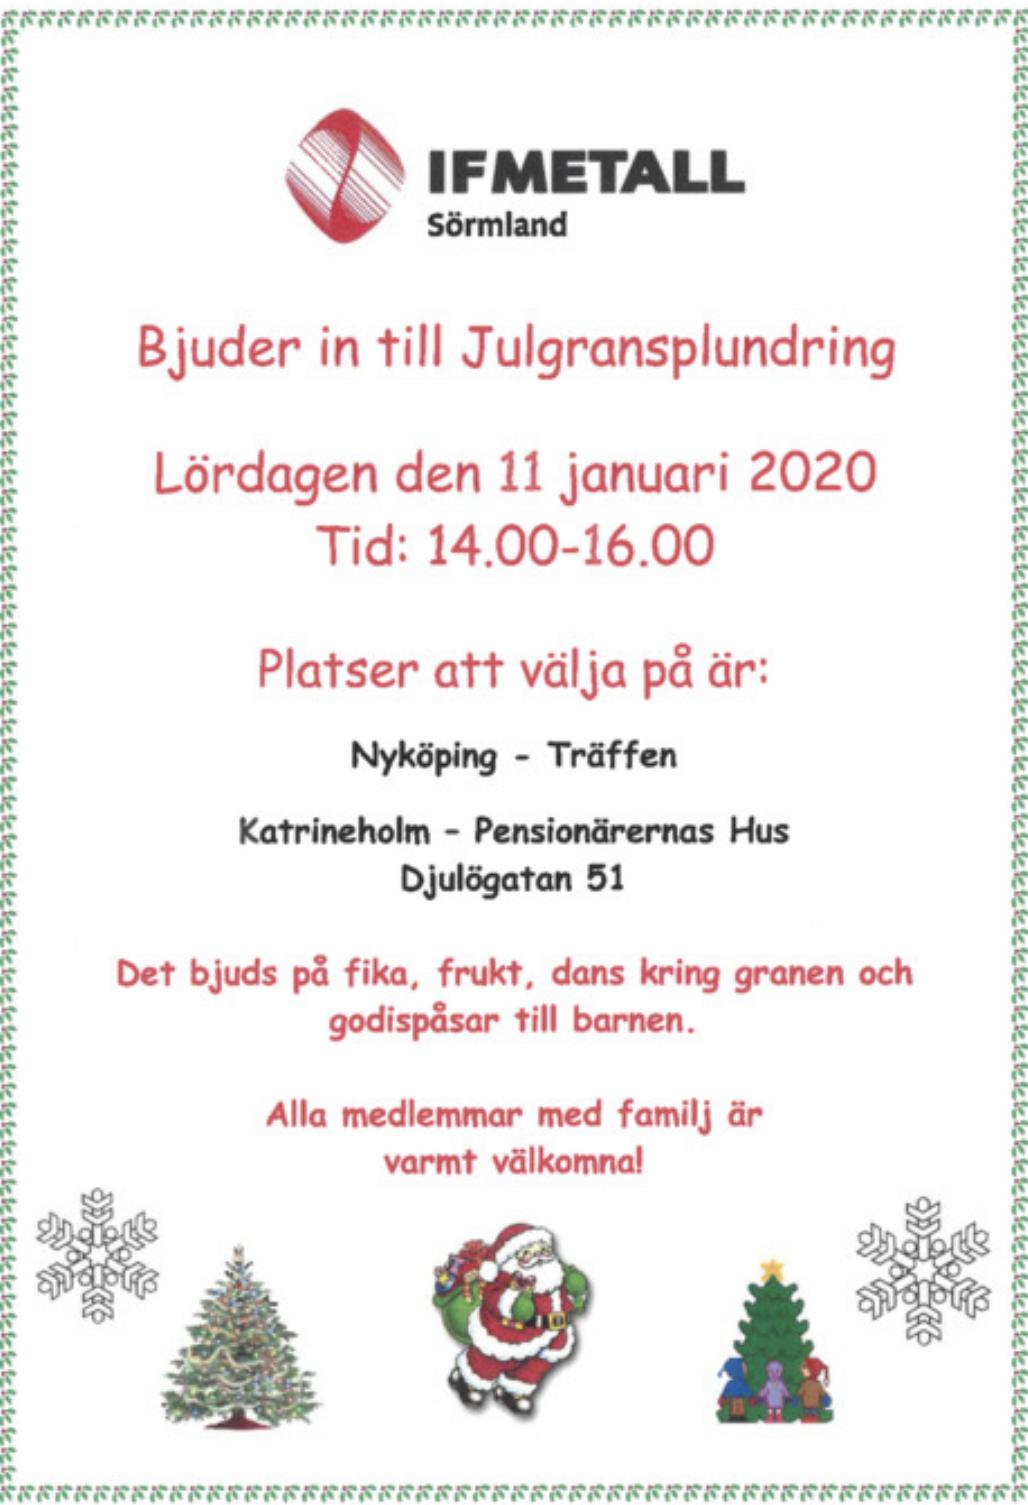 IF Metall Sörmland Bjuder In Till Julgransplundring